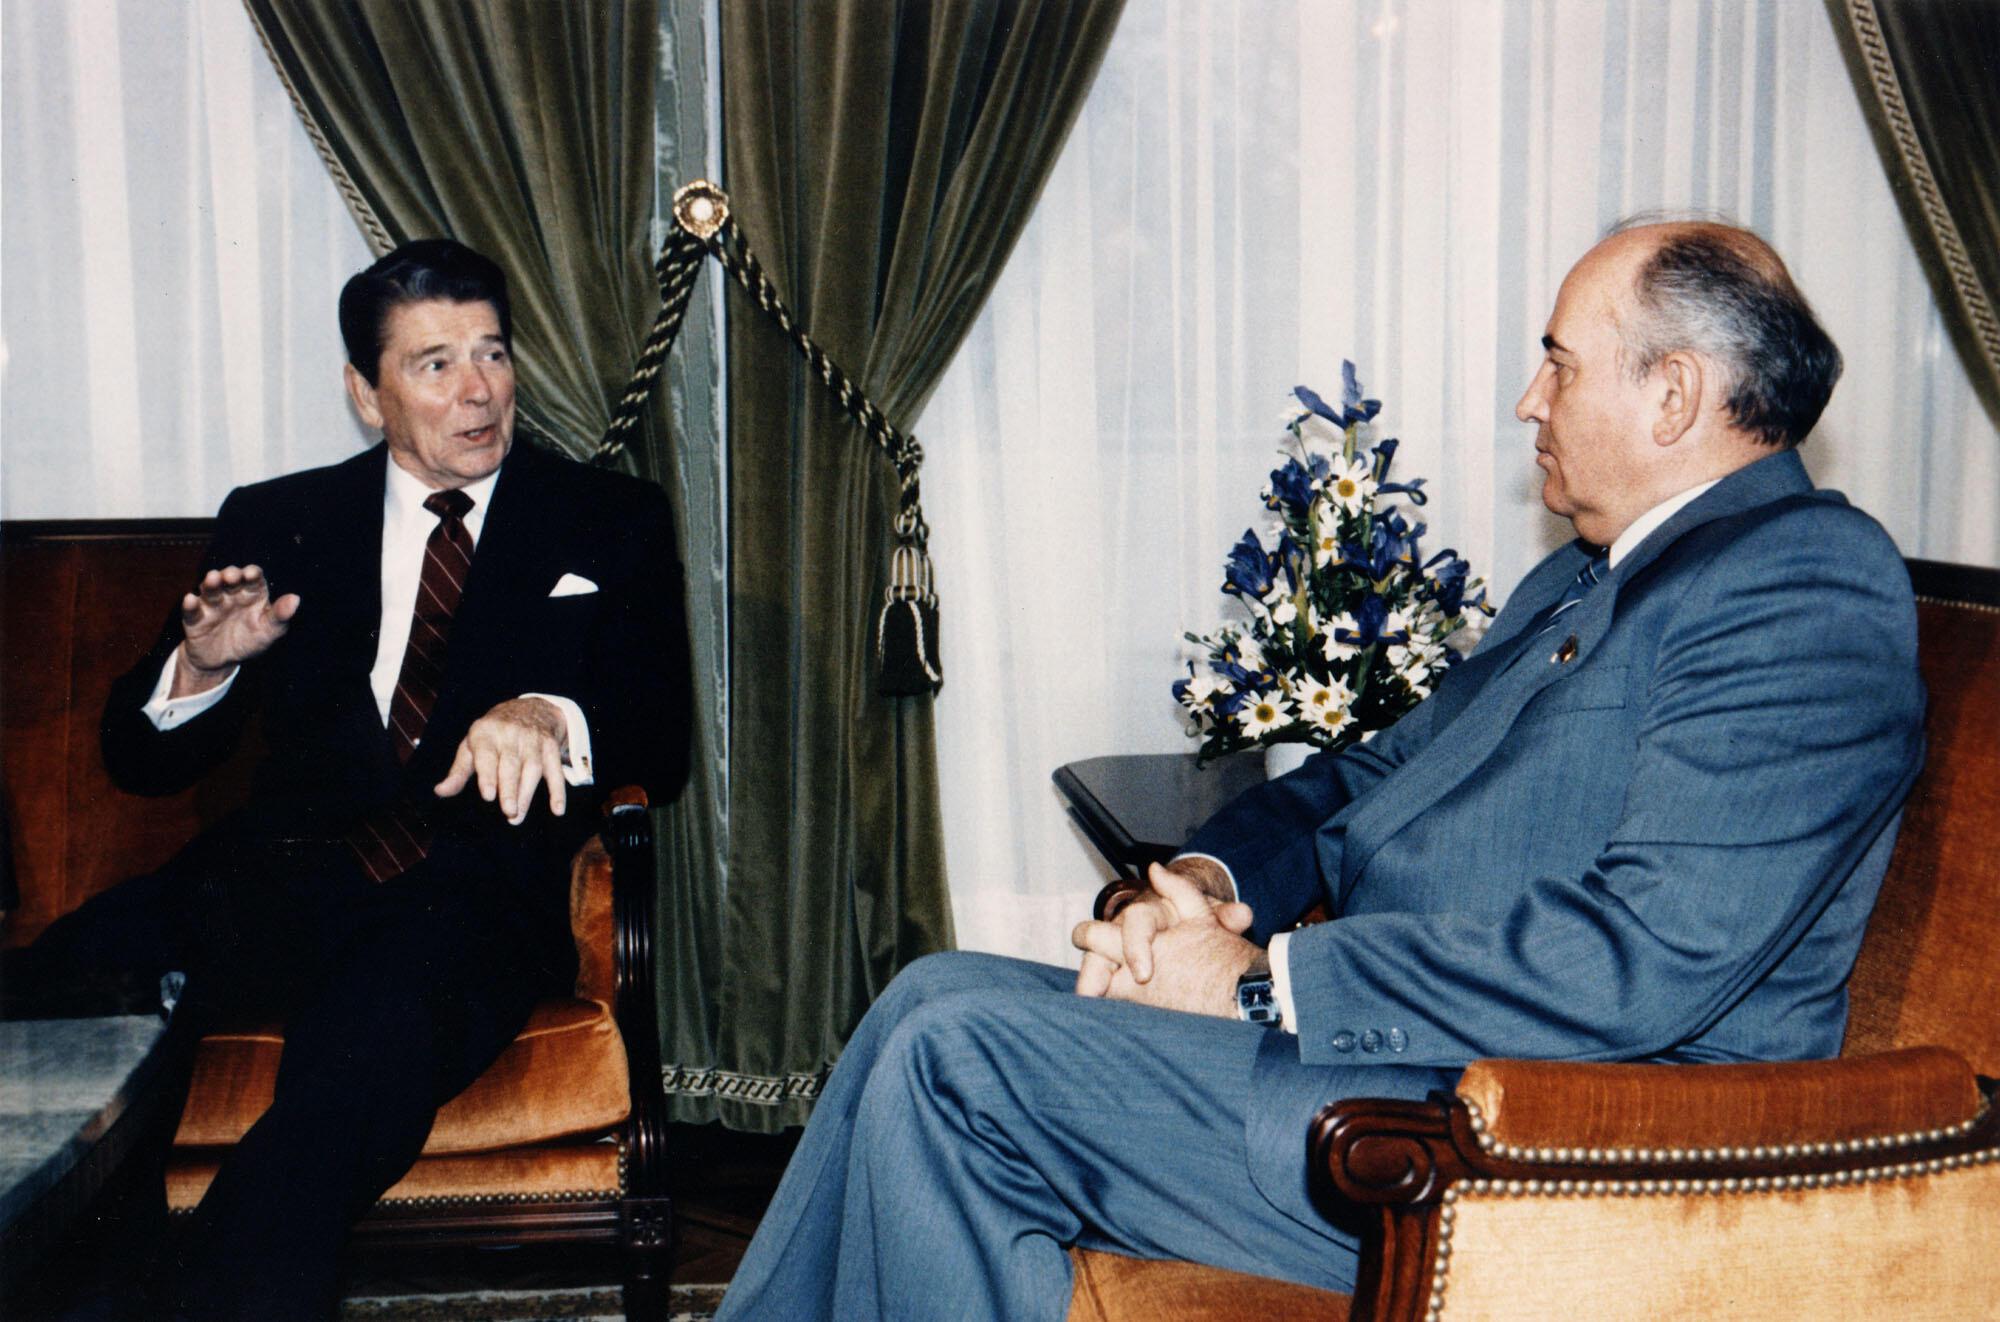 Рональд Рейган и Михаил Горбачев на переговорах в Женеве, ноябрь 1985 г.